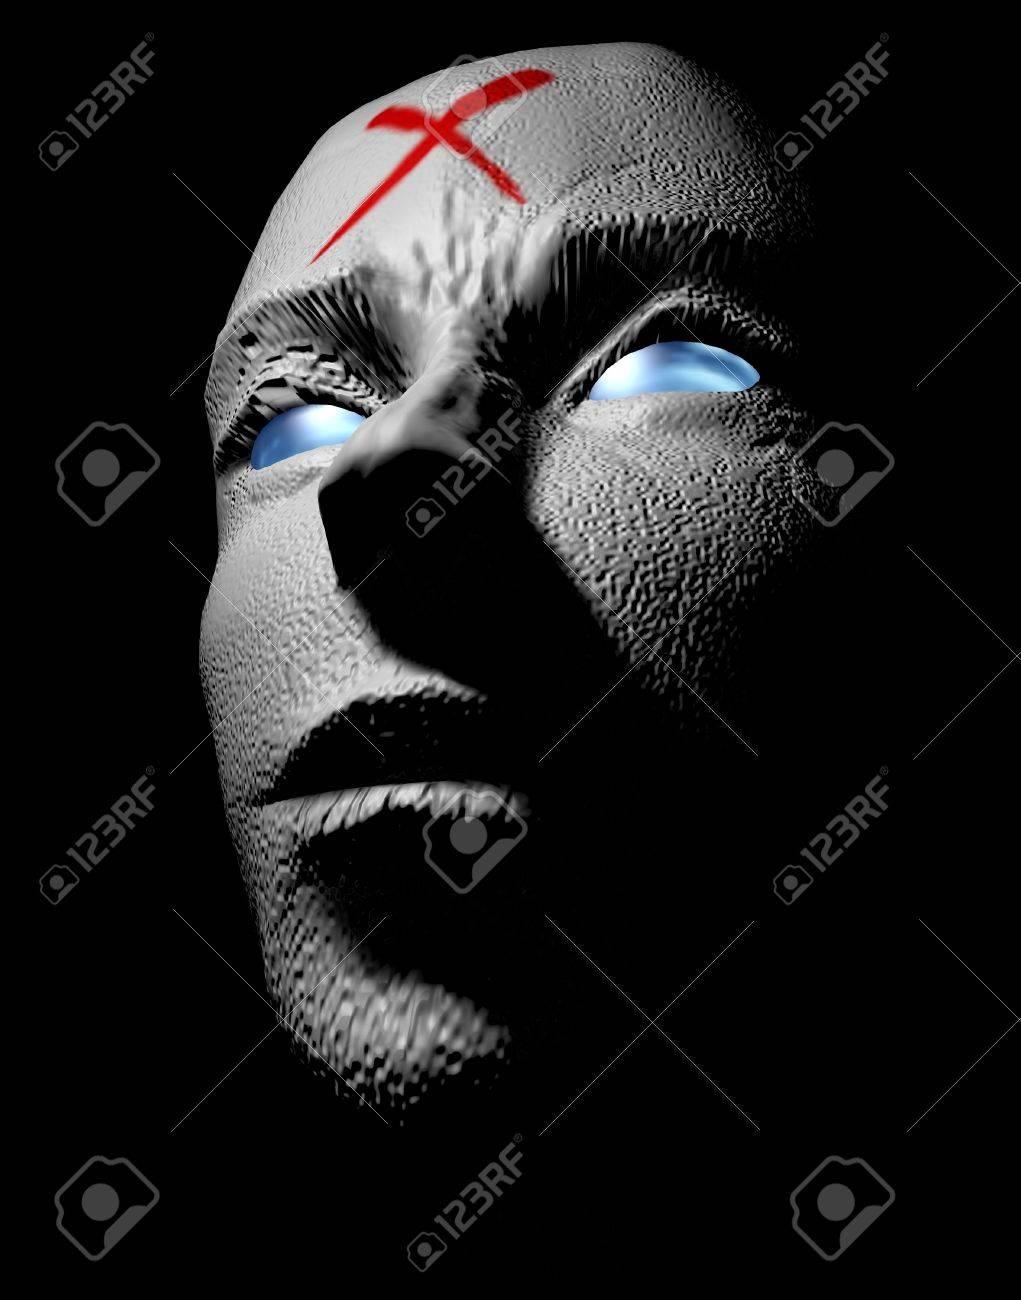 horror monster face 3d illustration Stock Photo - 9517072